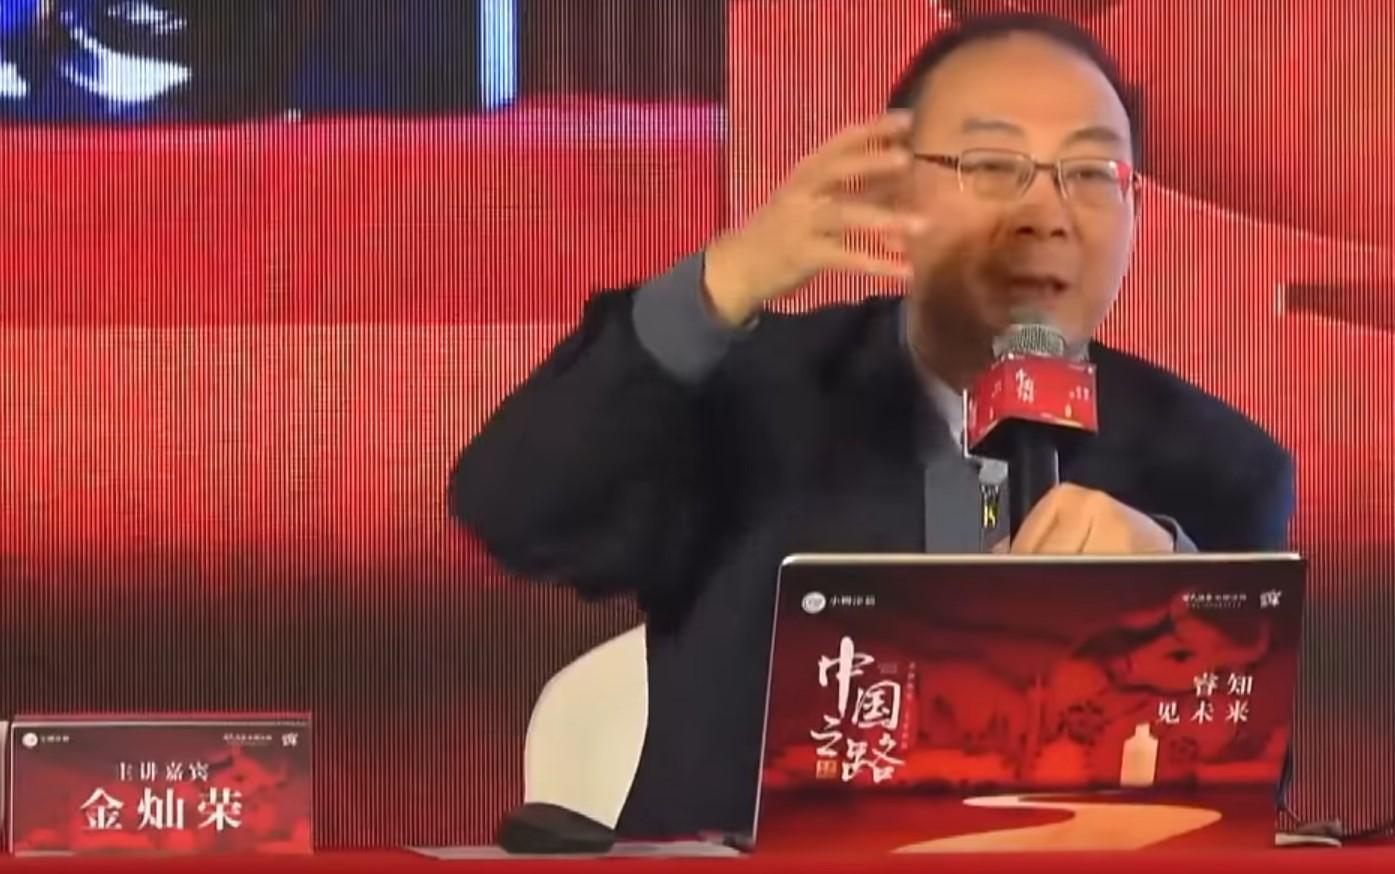 金燦榮是人民大學對外戰略研究中心主任,經常公開演講談論大國戰略,被網民戲稱為「國師」。(影片截圖)